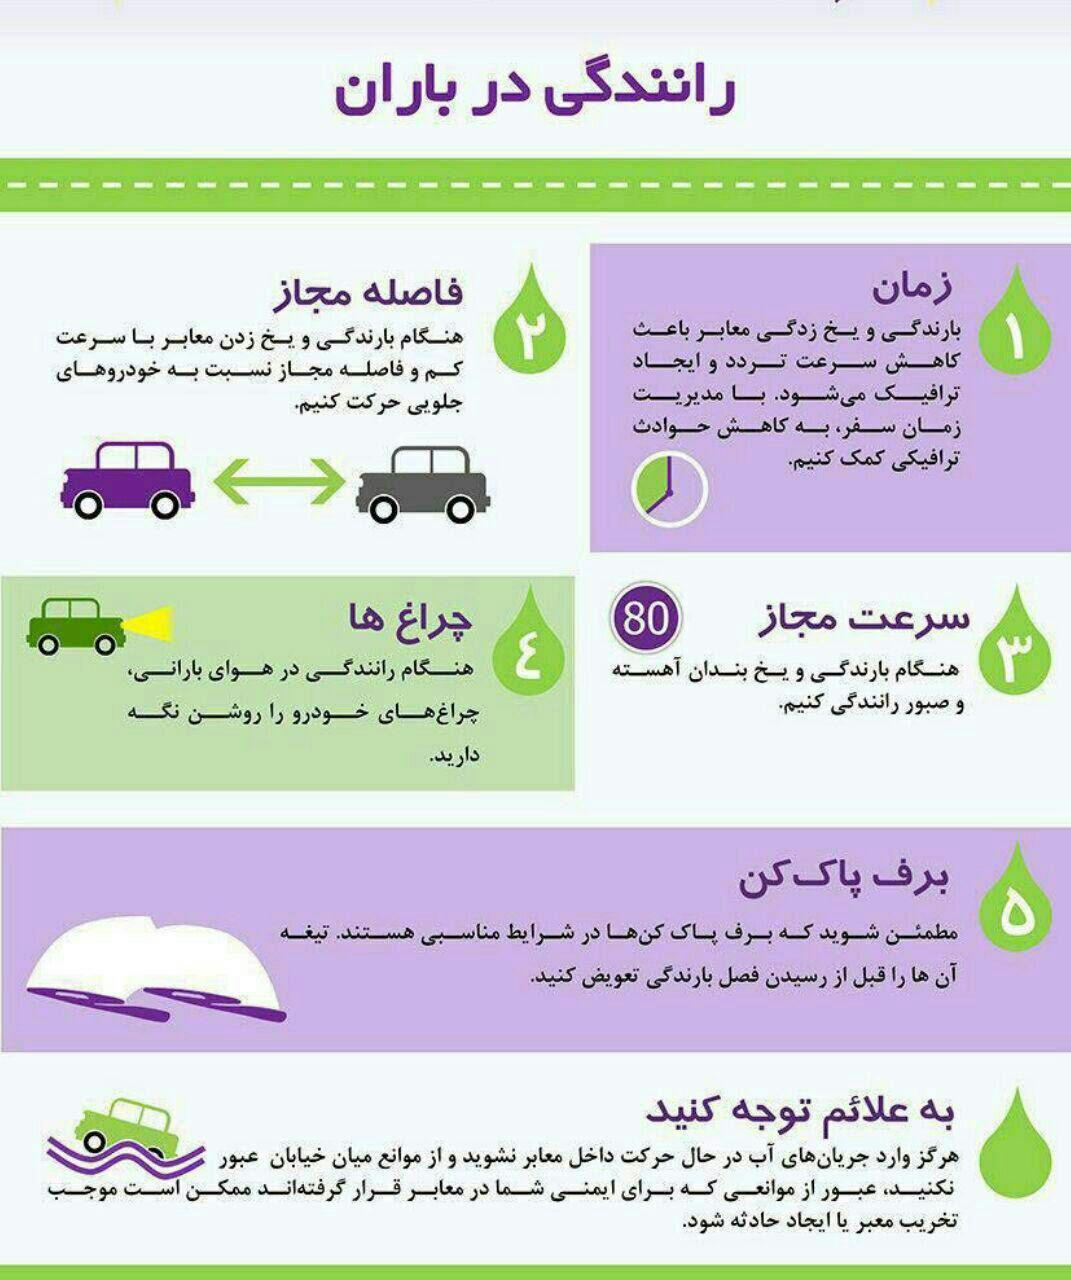 نکات آموزشی برای رانندگی در باران/ اینفوگرافی